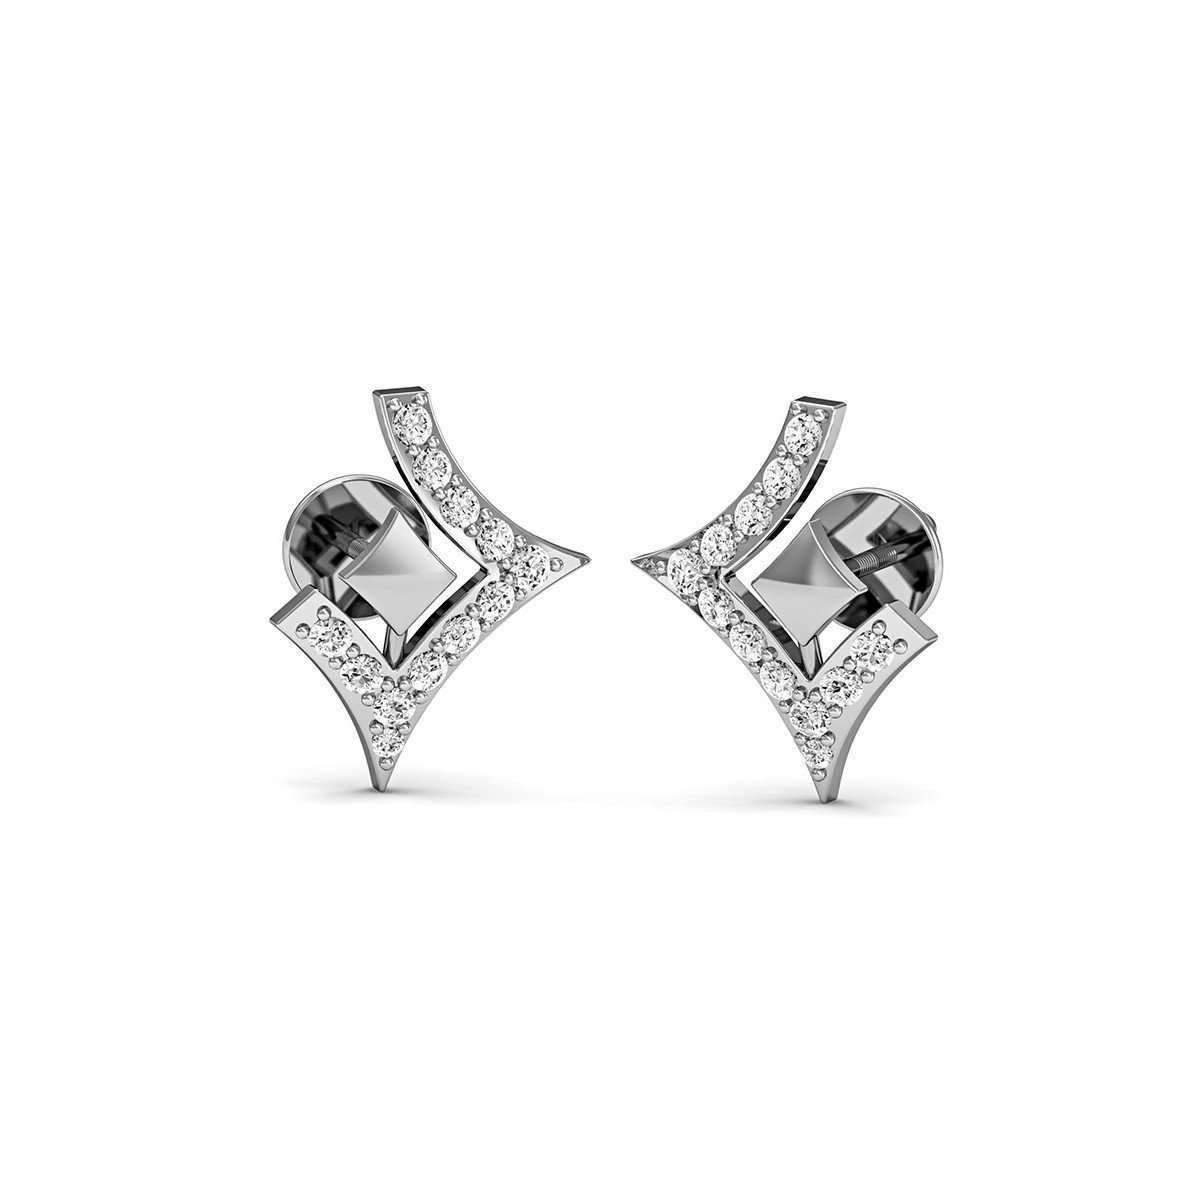 Diamoire Jewels Star Shape Premium Diamond Earrings in 18kt White Gold 0eeUt3l